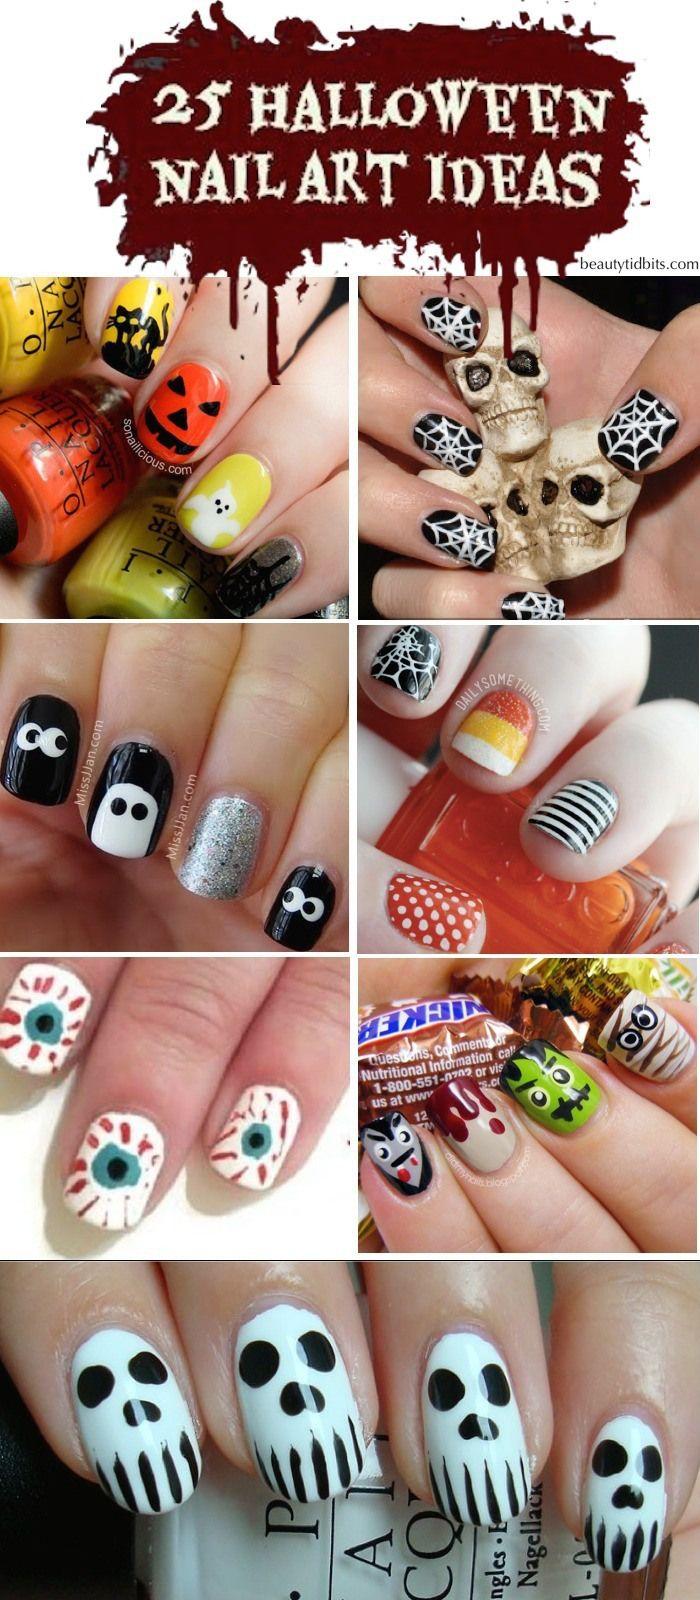 25 Spooky & Simple Halloween Nail Art Ideas